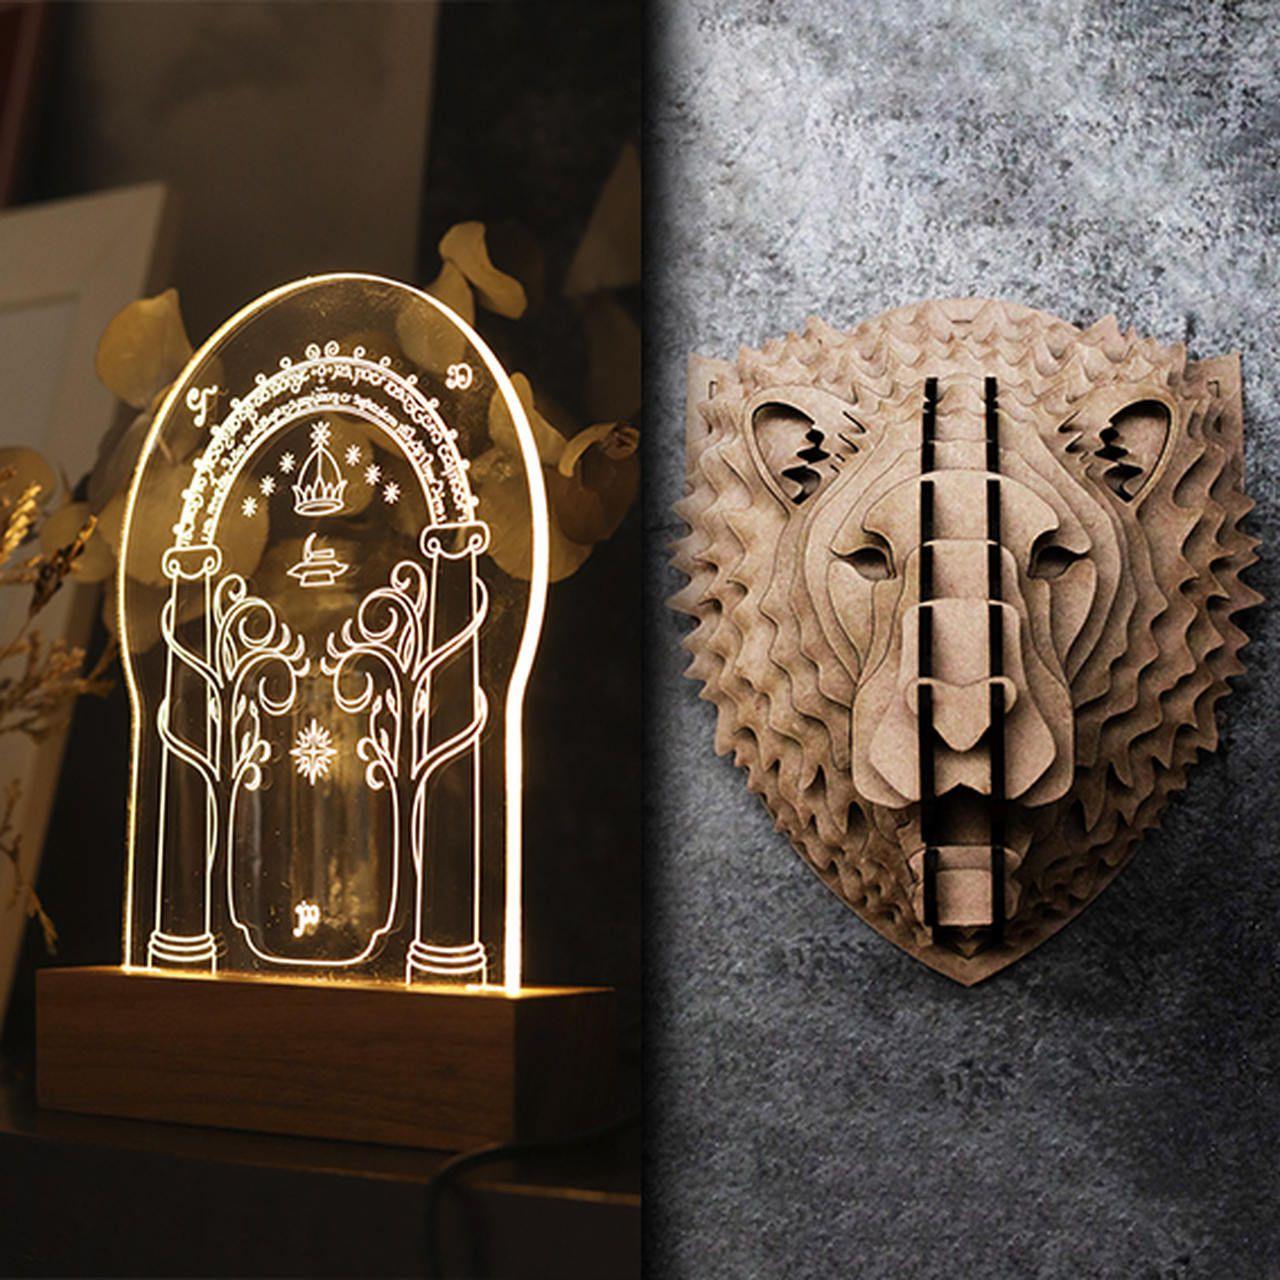 Kit Dia dos Namorados - 1 luminária Portão de Moria + 1 cabeça Leão